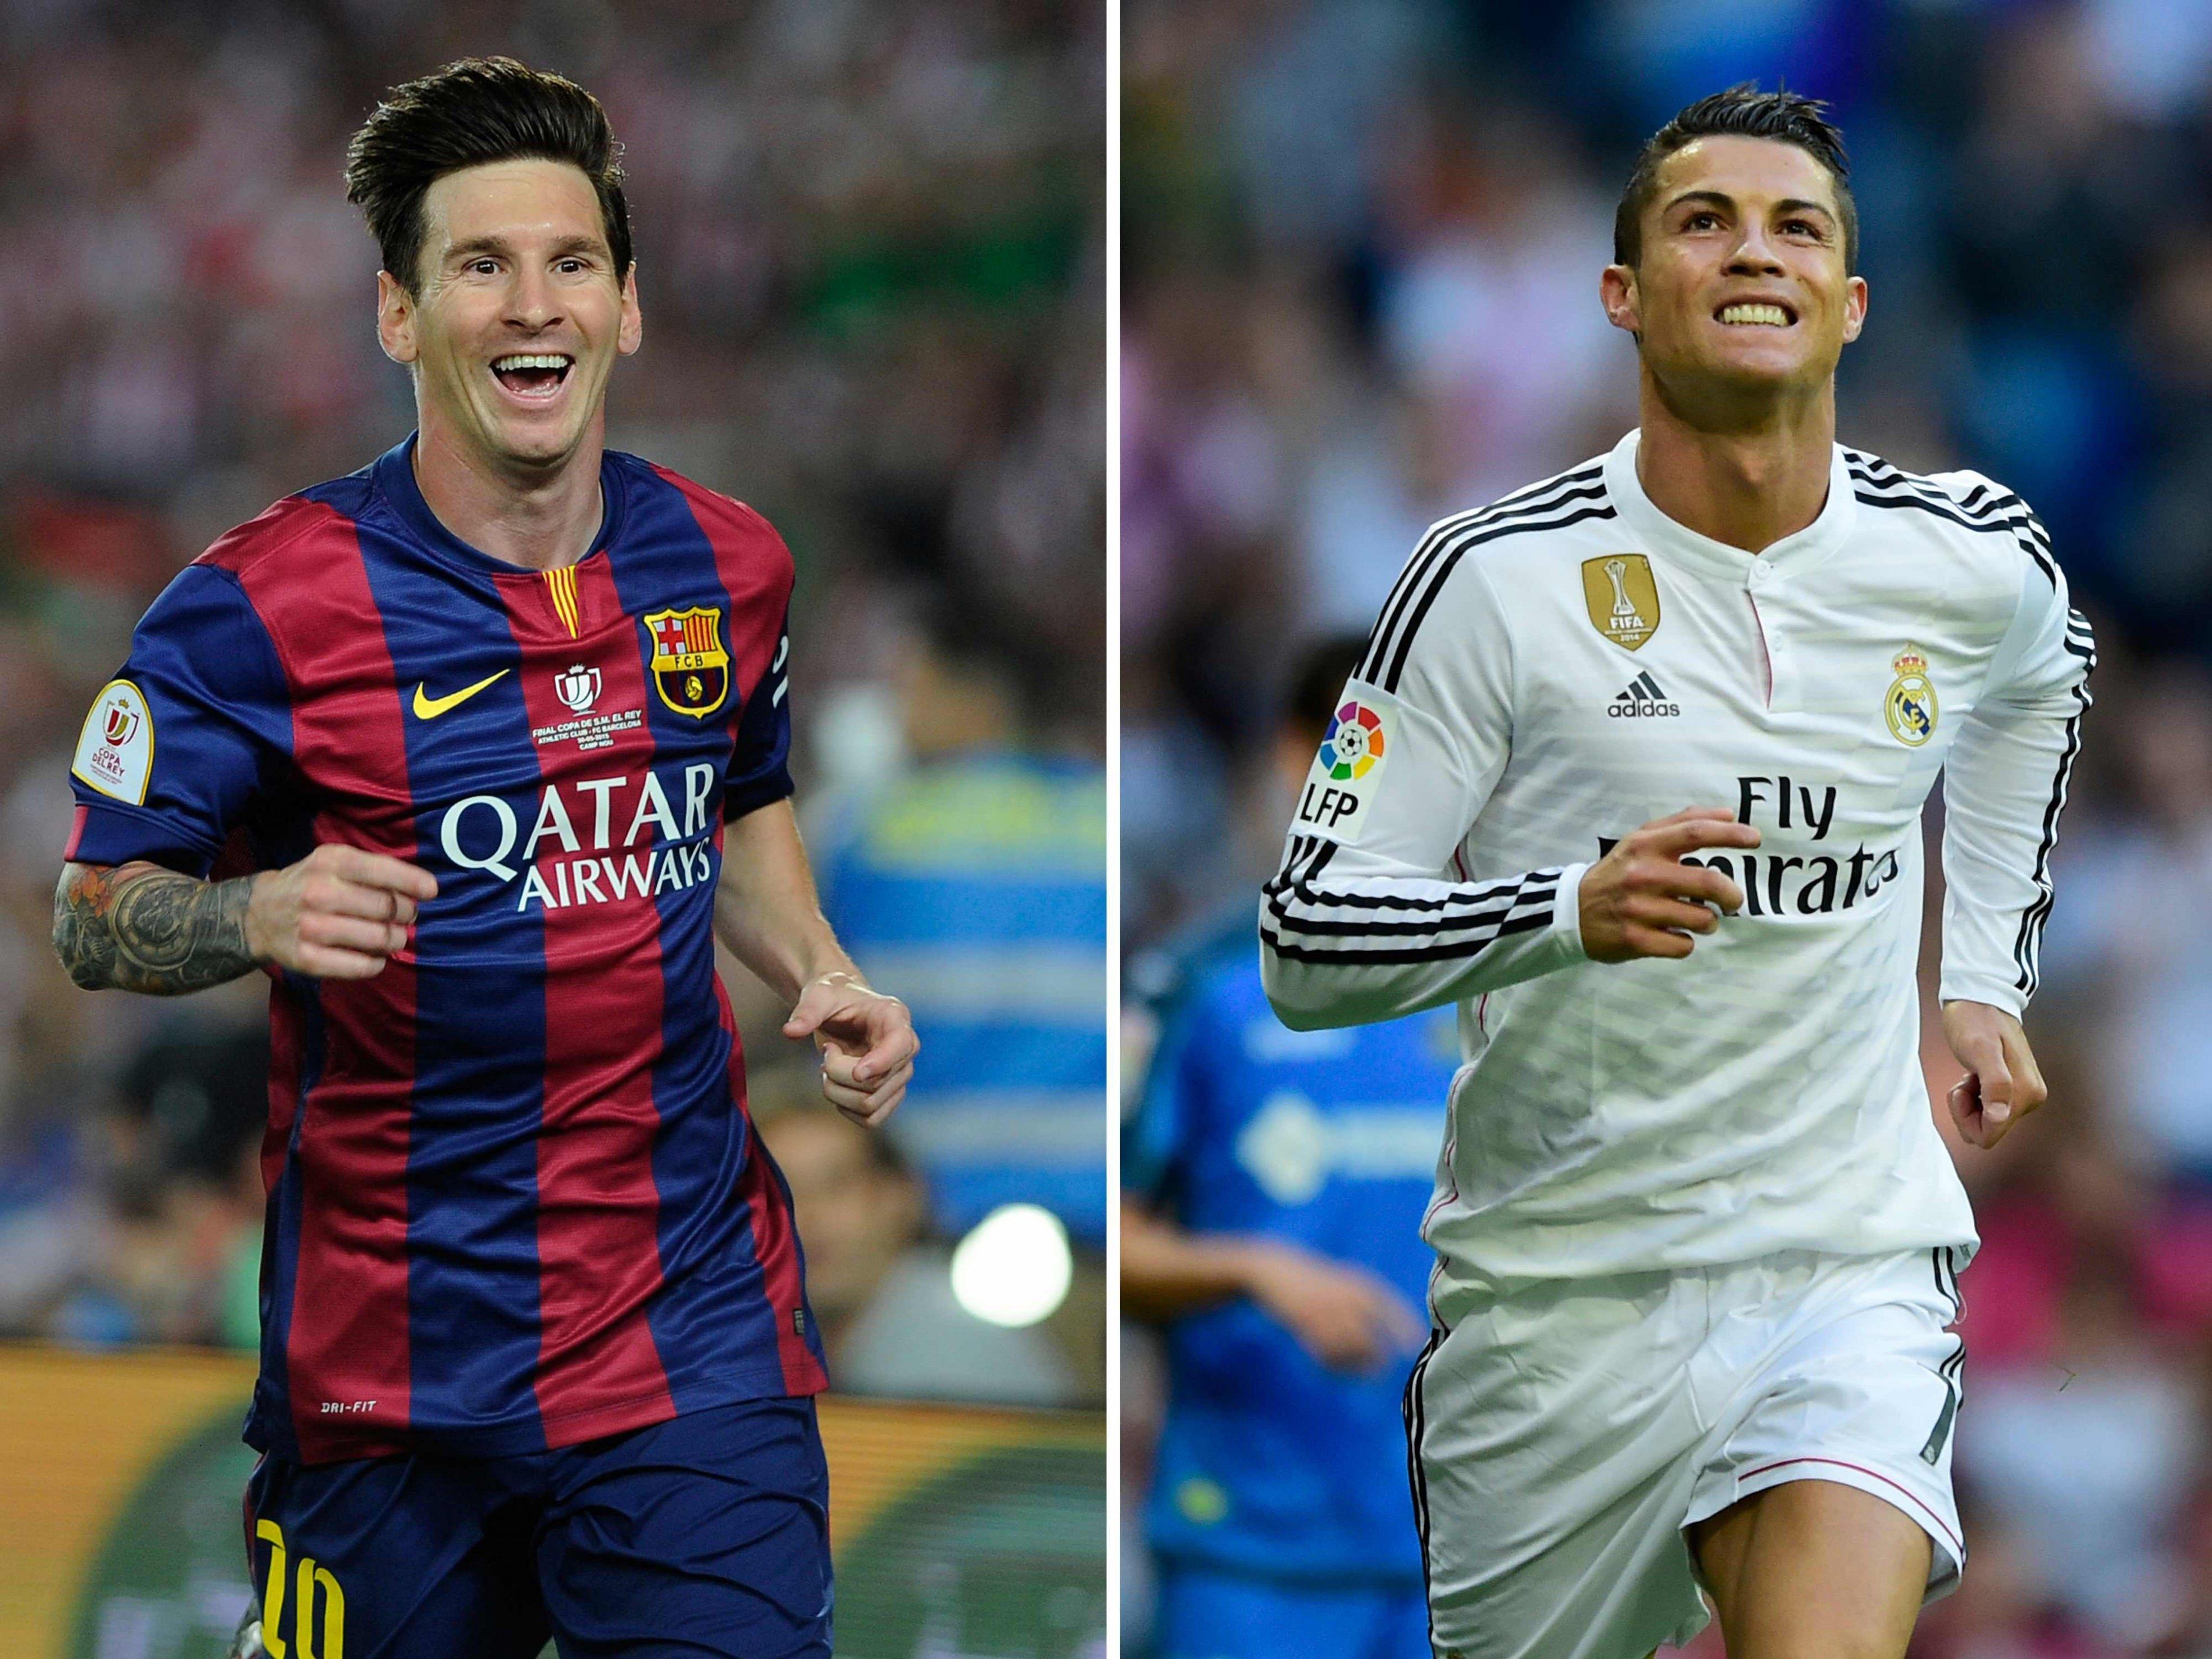 Wer verdient mehr - Messi oder Ronaldo?